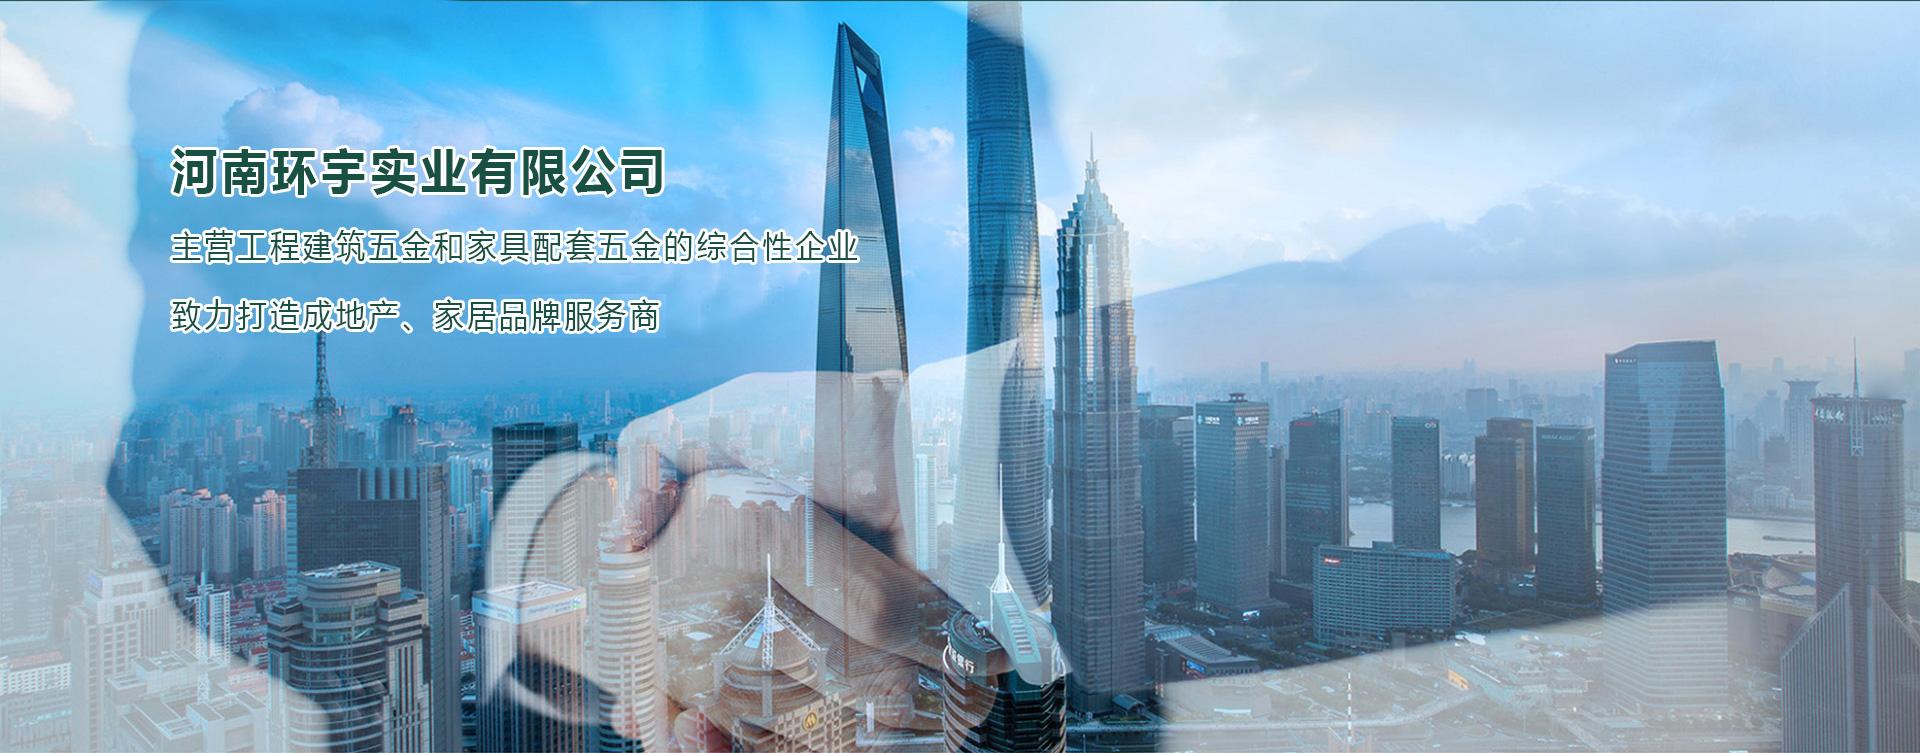 环宇万博官网全站aPP最新版下载